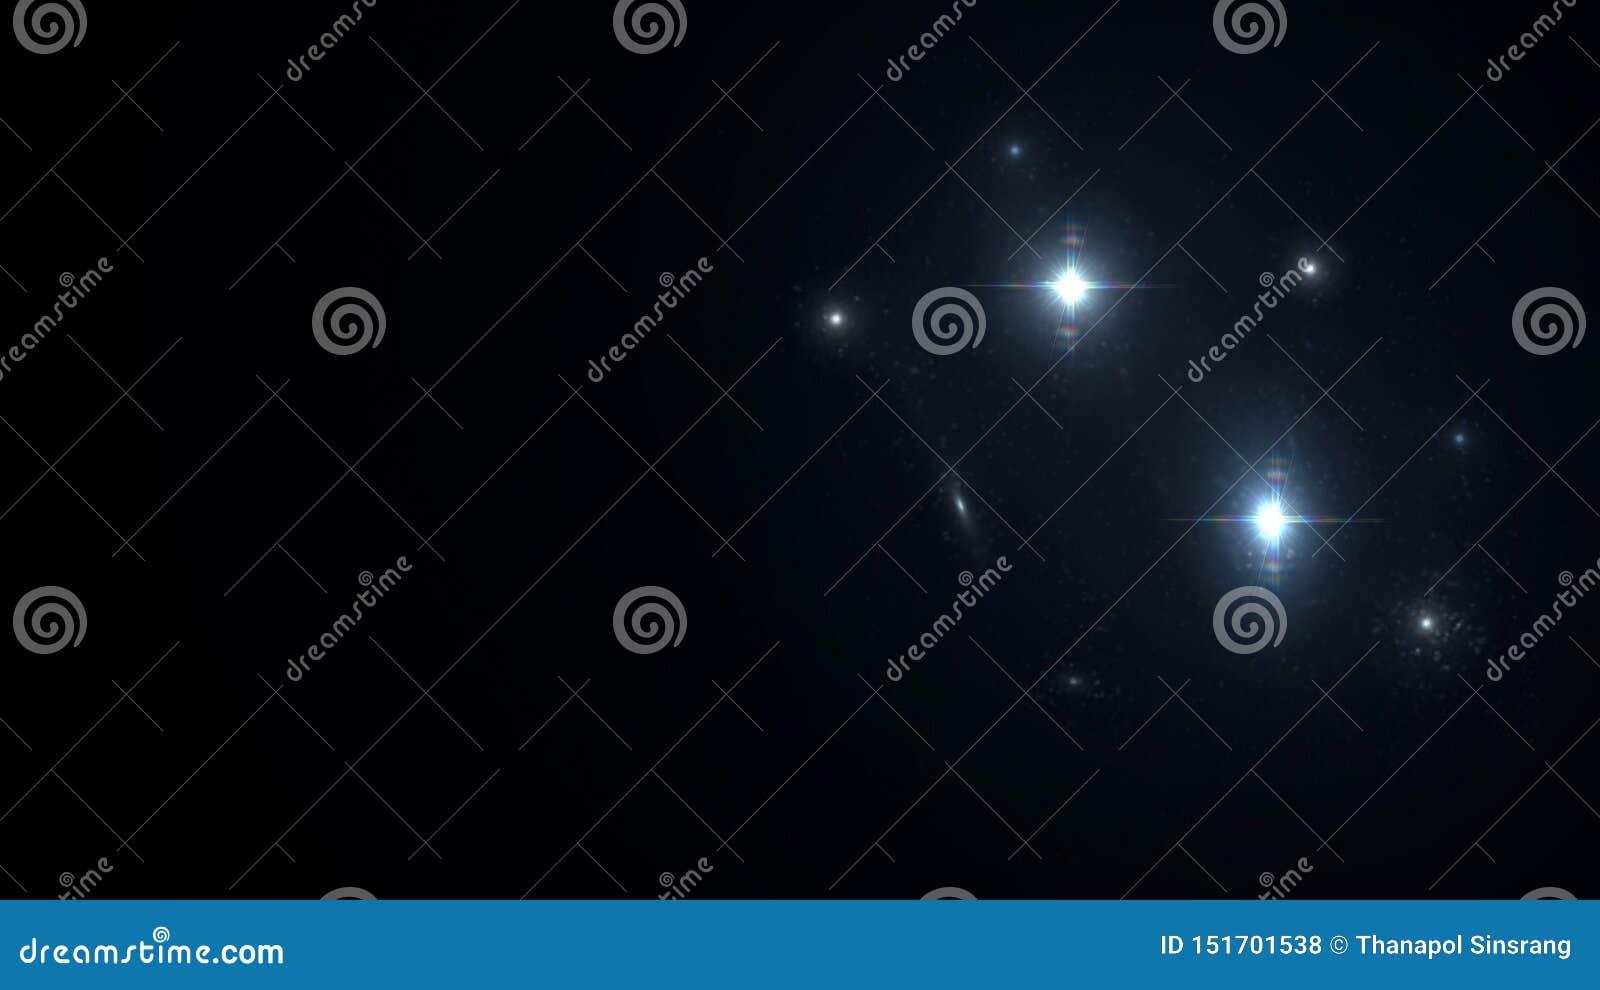 Universum allt finnasende fråga och utrymme betraktade i sin helhet kosmoset